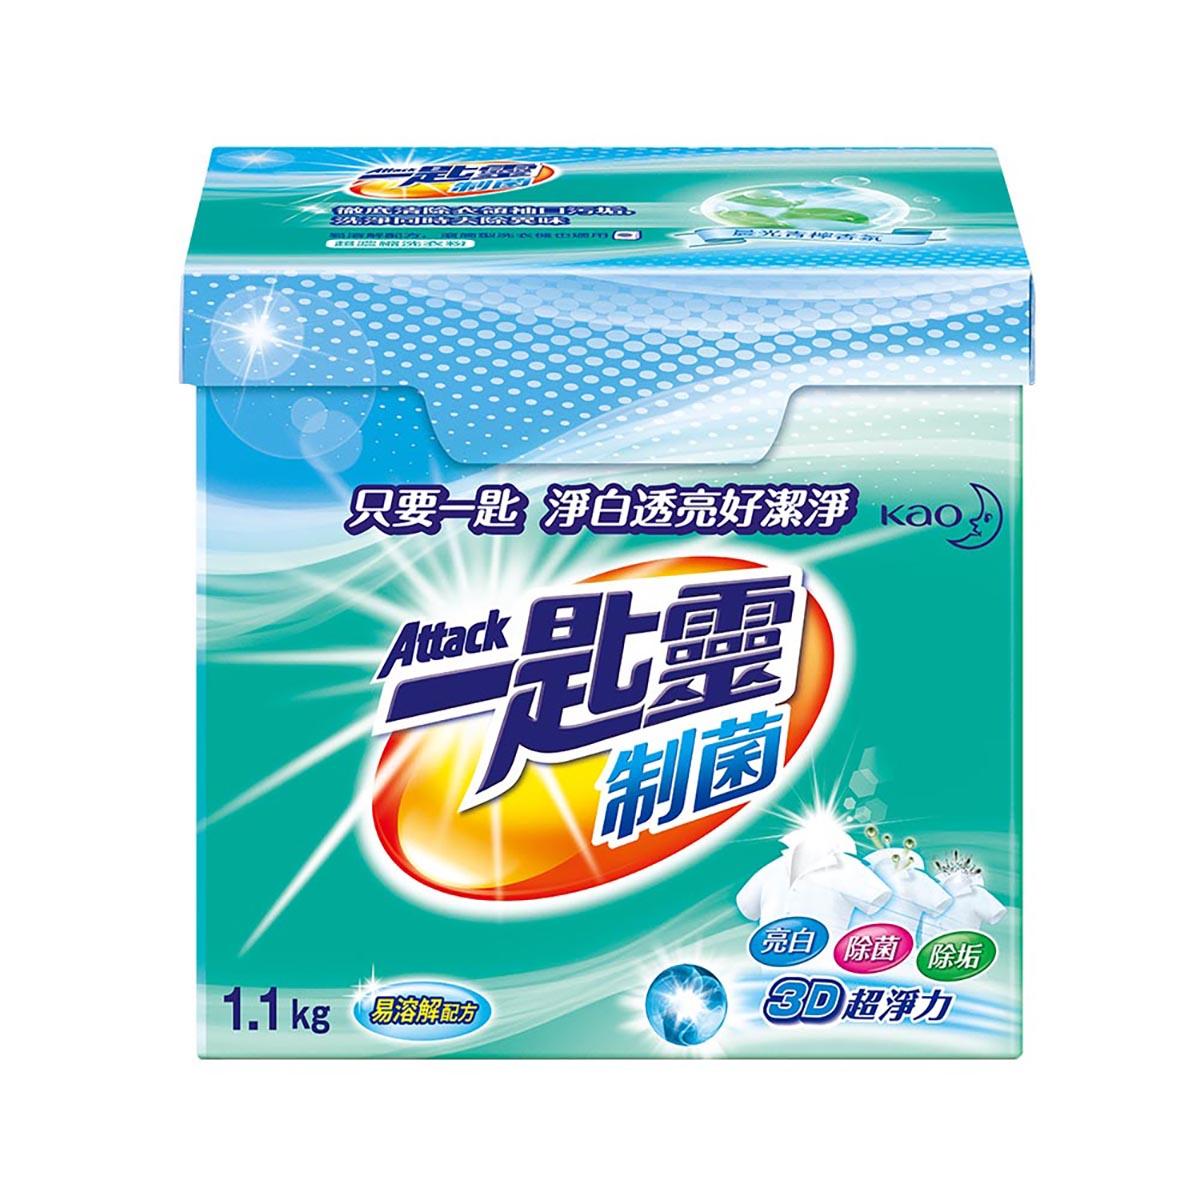 花王一匙靈洗衣粉1.1kg